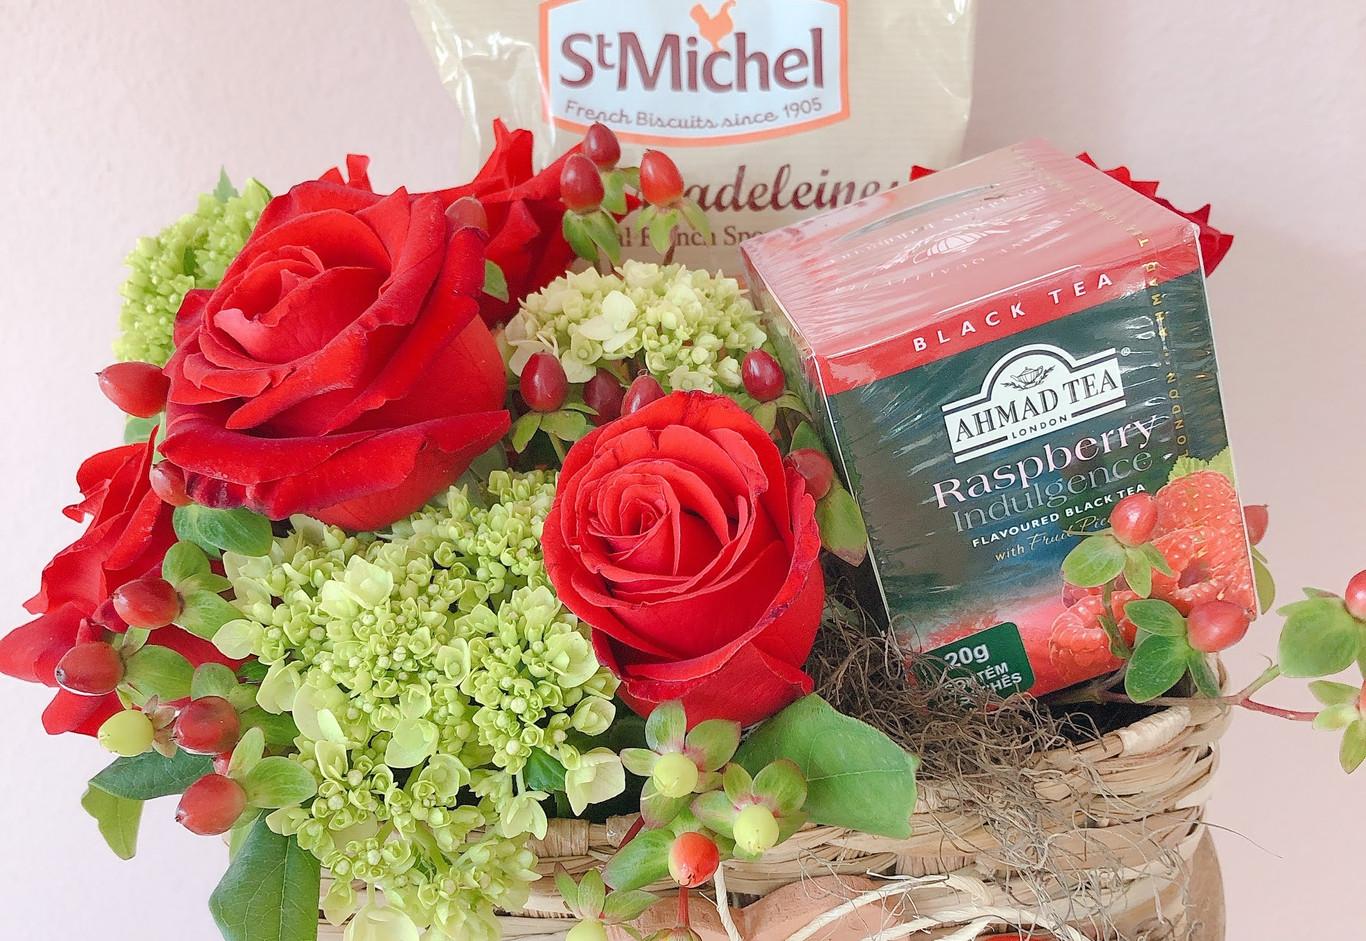 Cestinha com rosas , vela artisanal , chá e Madeleines